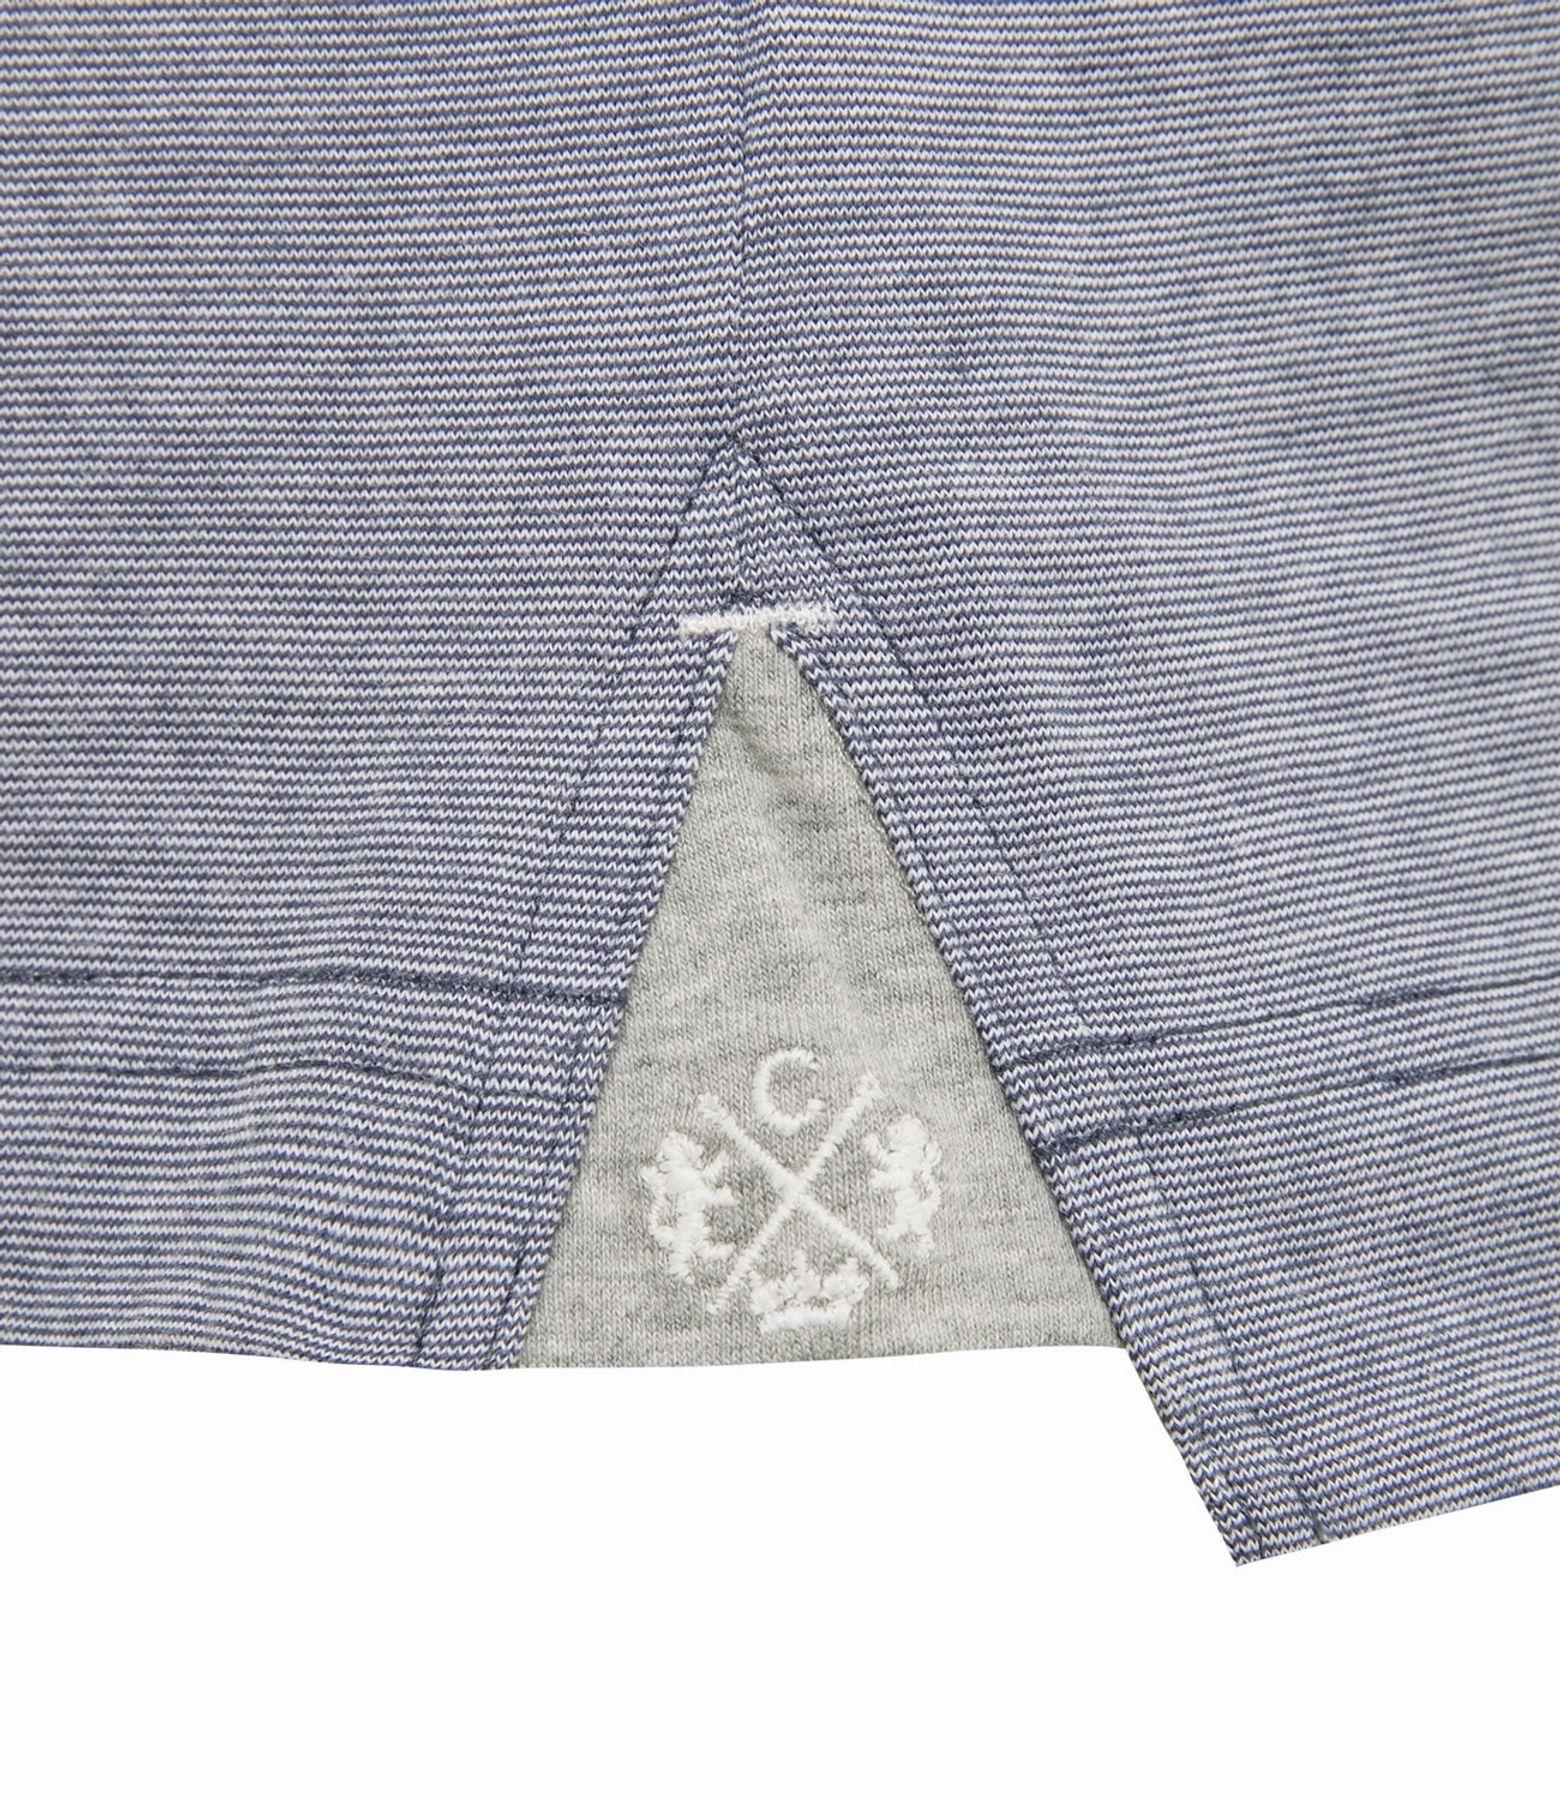 Camp David - Herren Polo-shirt in verschiedenen Farben, (CHS-1804-3027)  – Bild 5